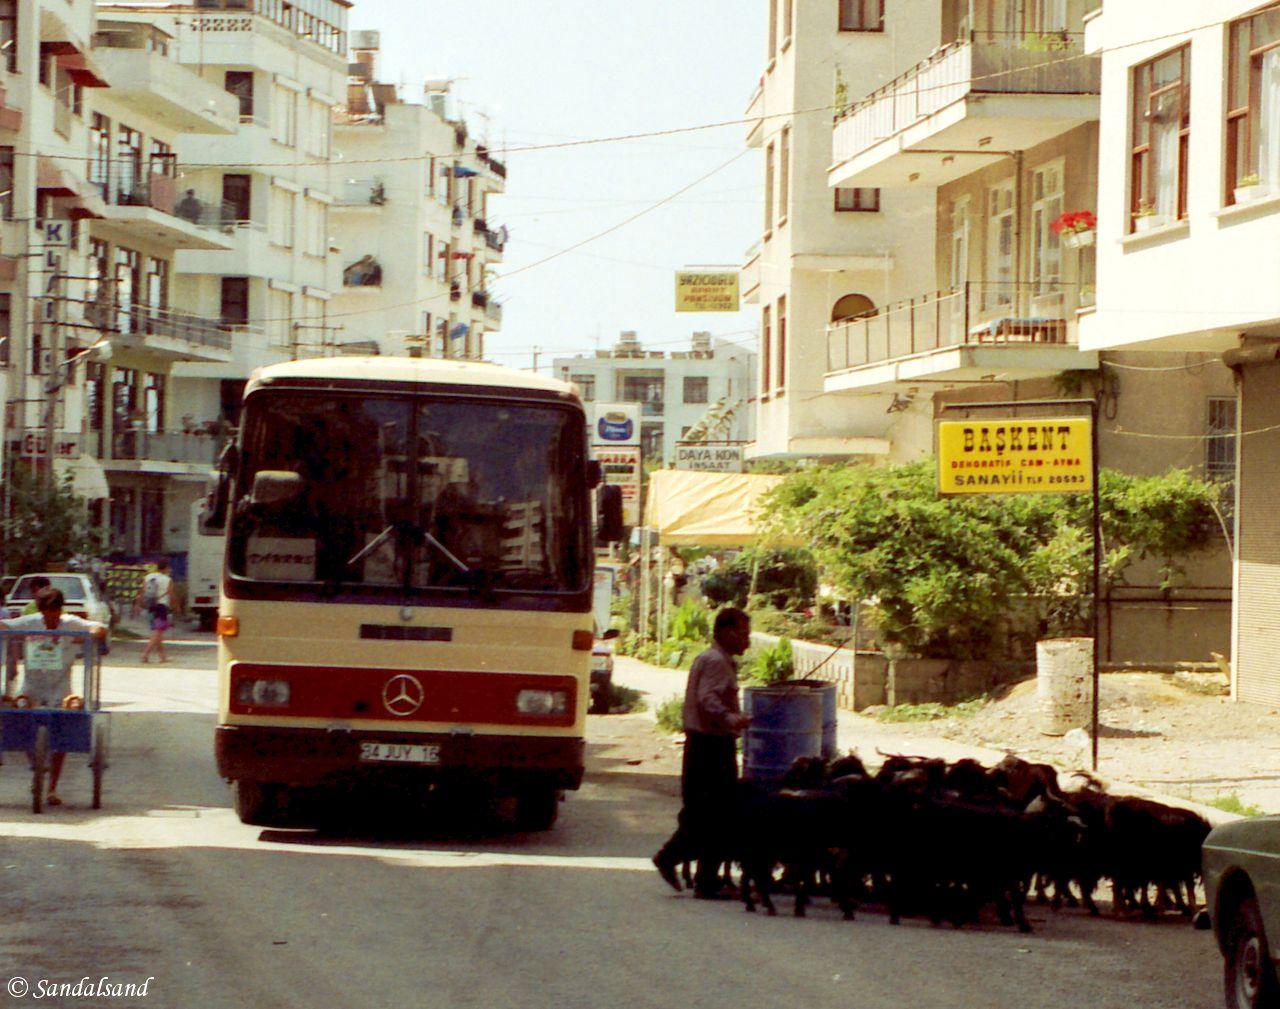 Turkey - Alanya